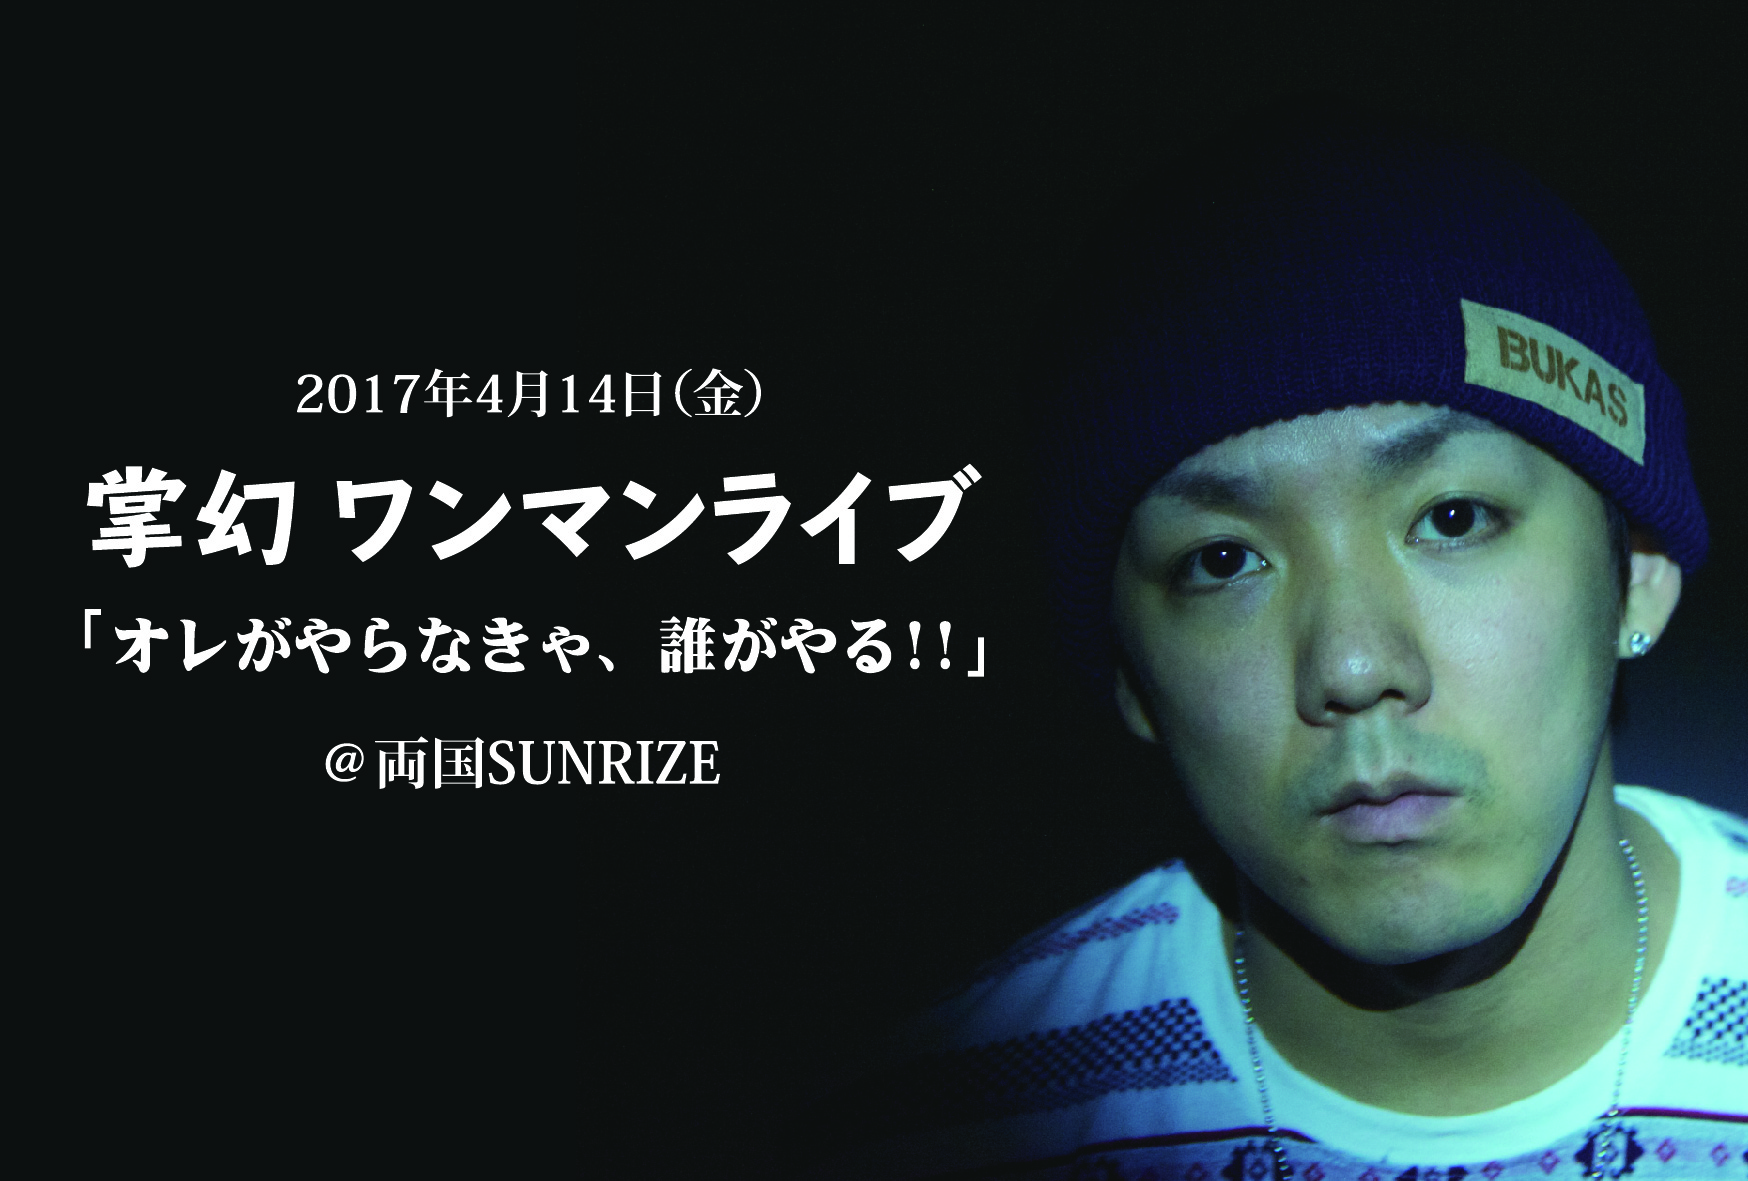 2017年4月14日 ワンマンライブ開催決定!!